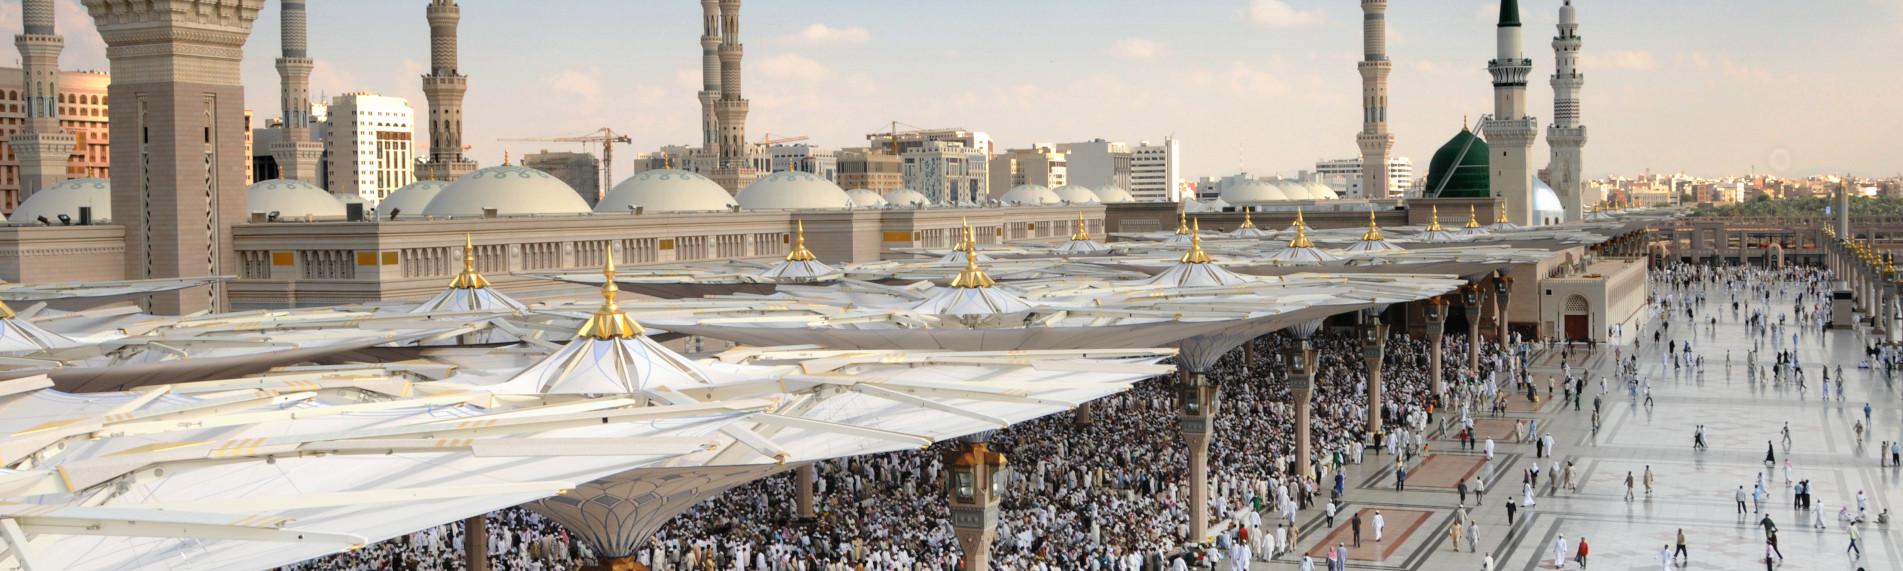 Verdens største udendørs aircondition-anlæg i Saudi-Arabien